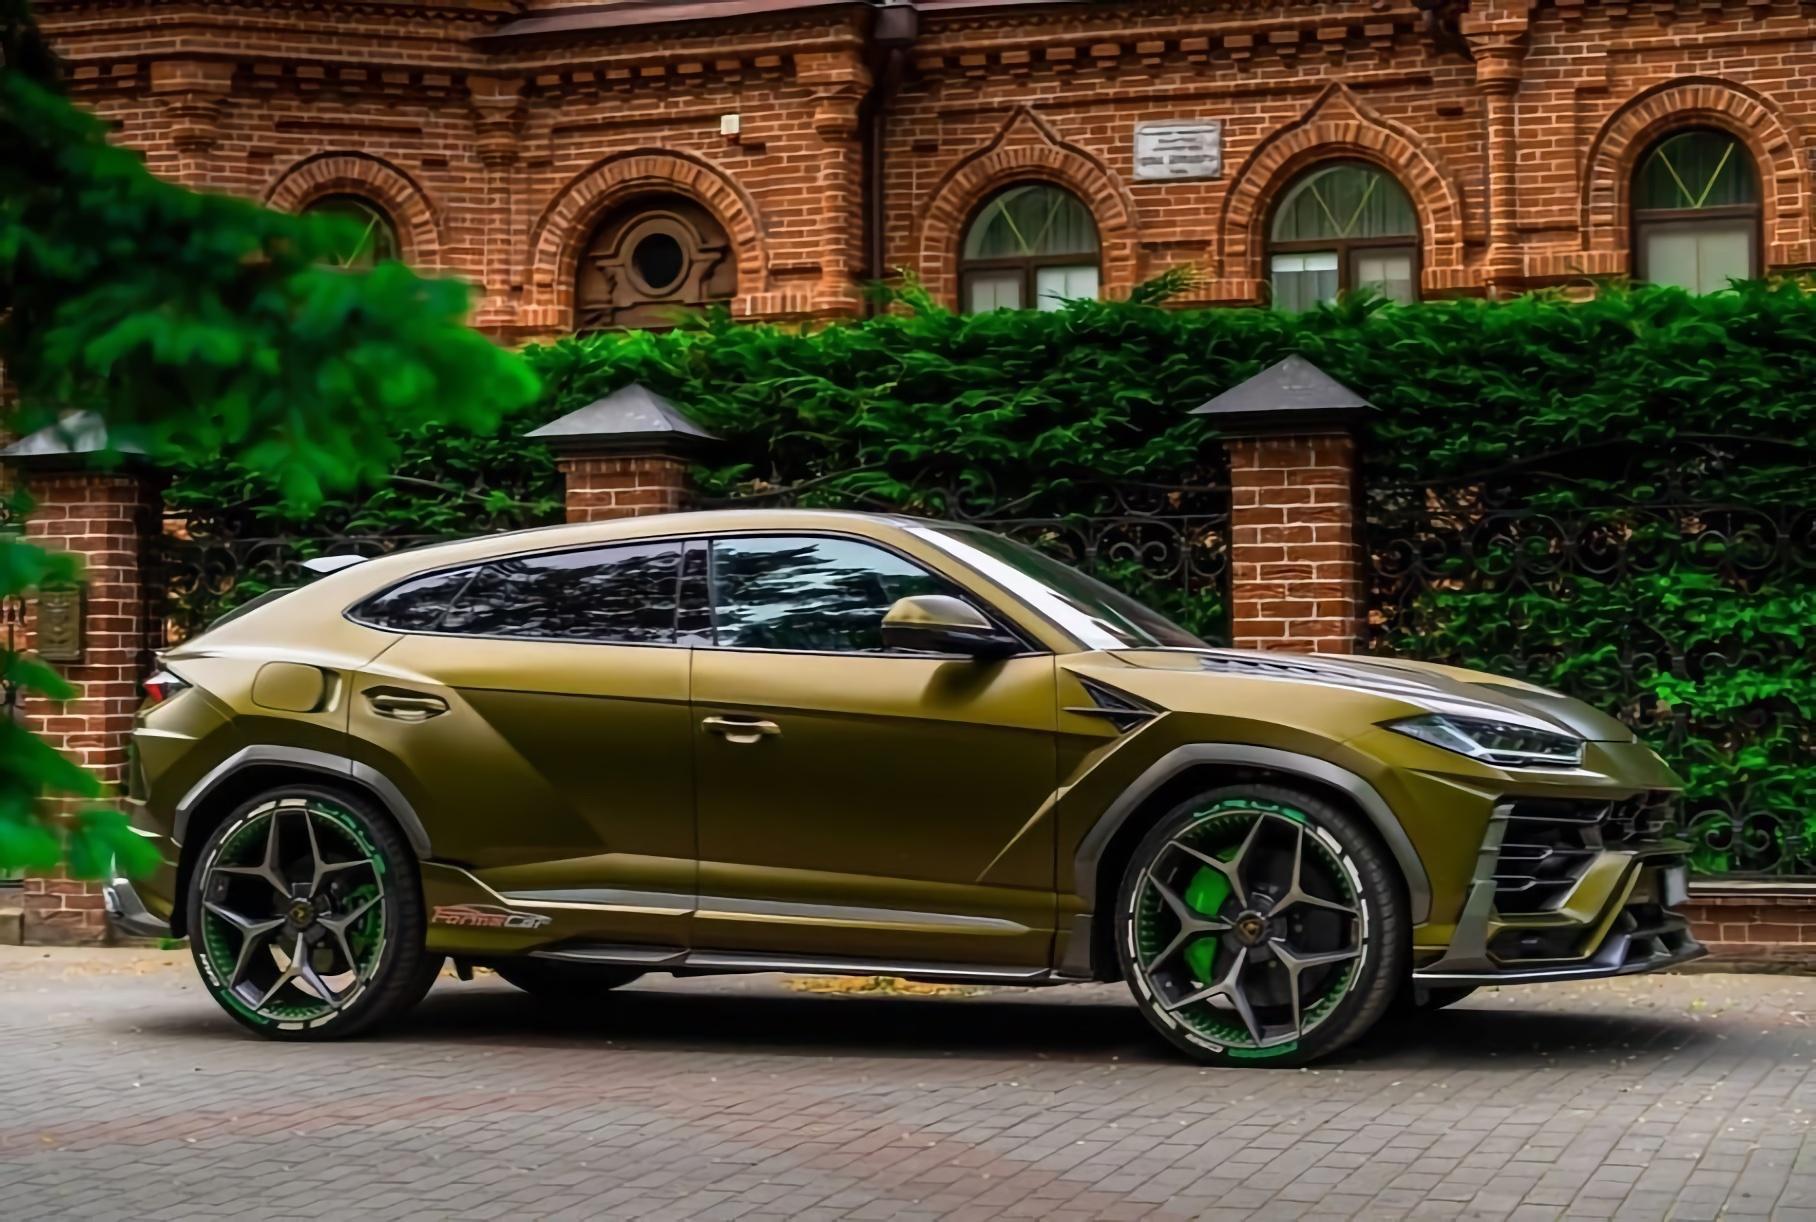 В Краснодаре выставлен на продажу один из самых дорогих в мире Lamborghini Urus. Построенный российскими тюнерами экземпляр оценен в 29 500 000 рублей.